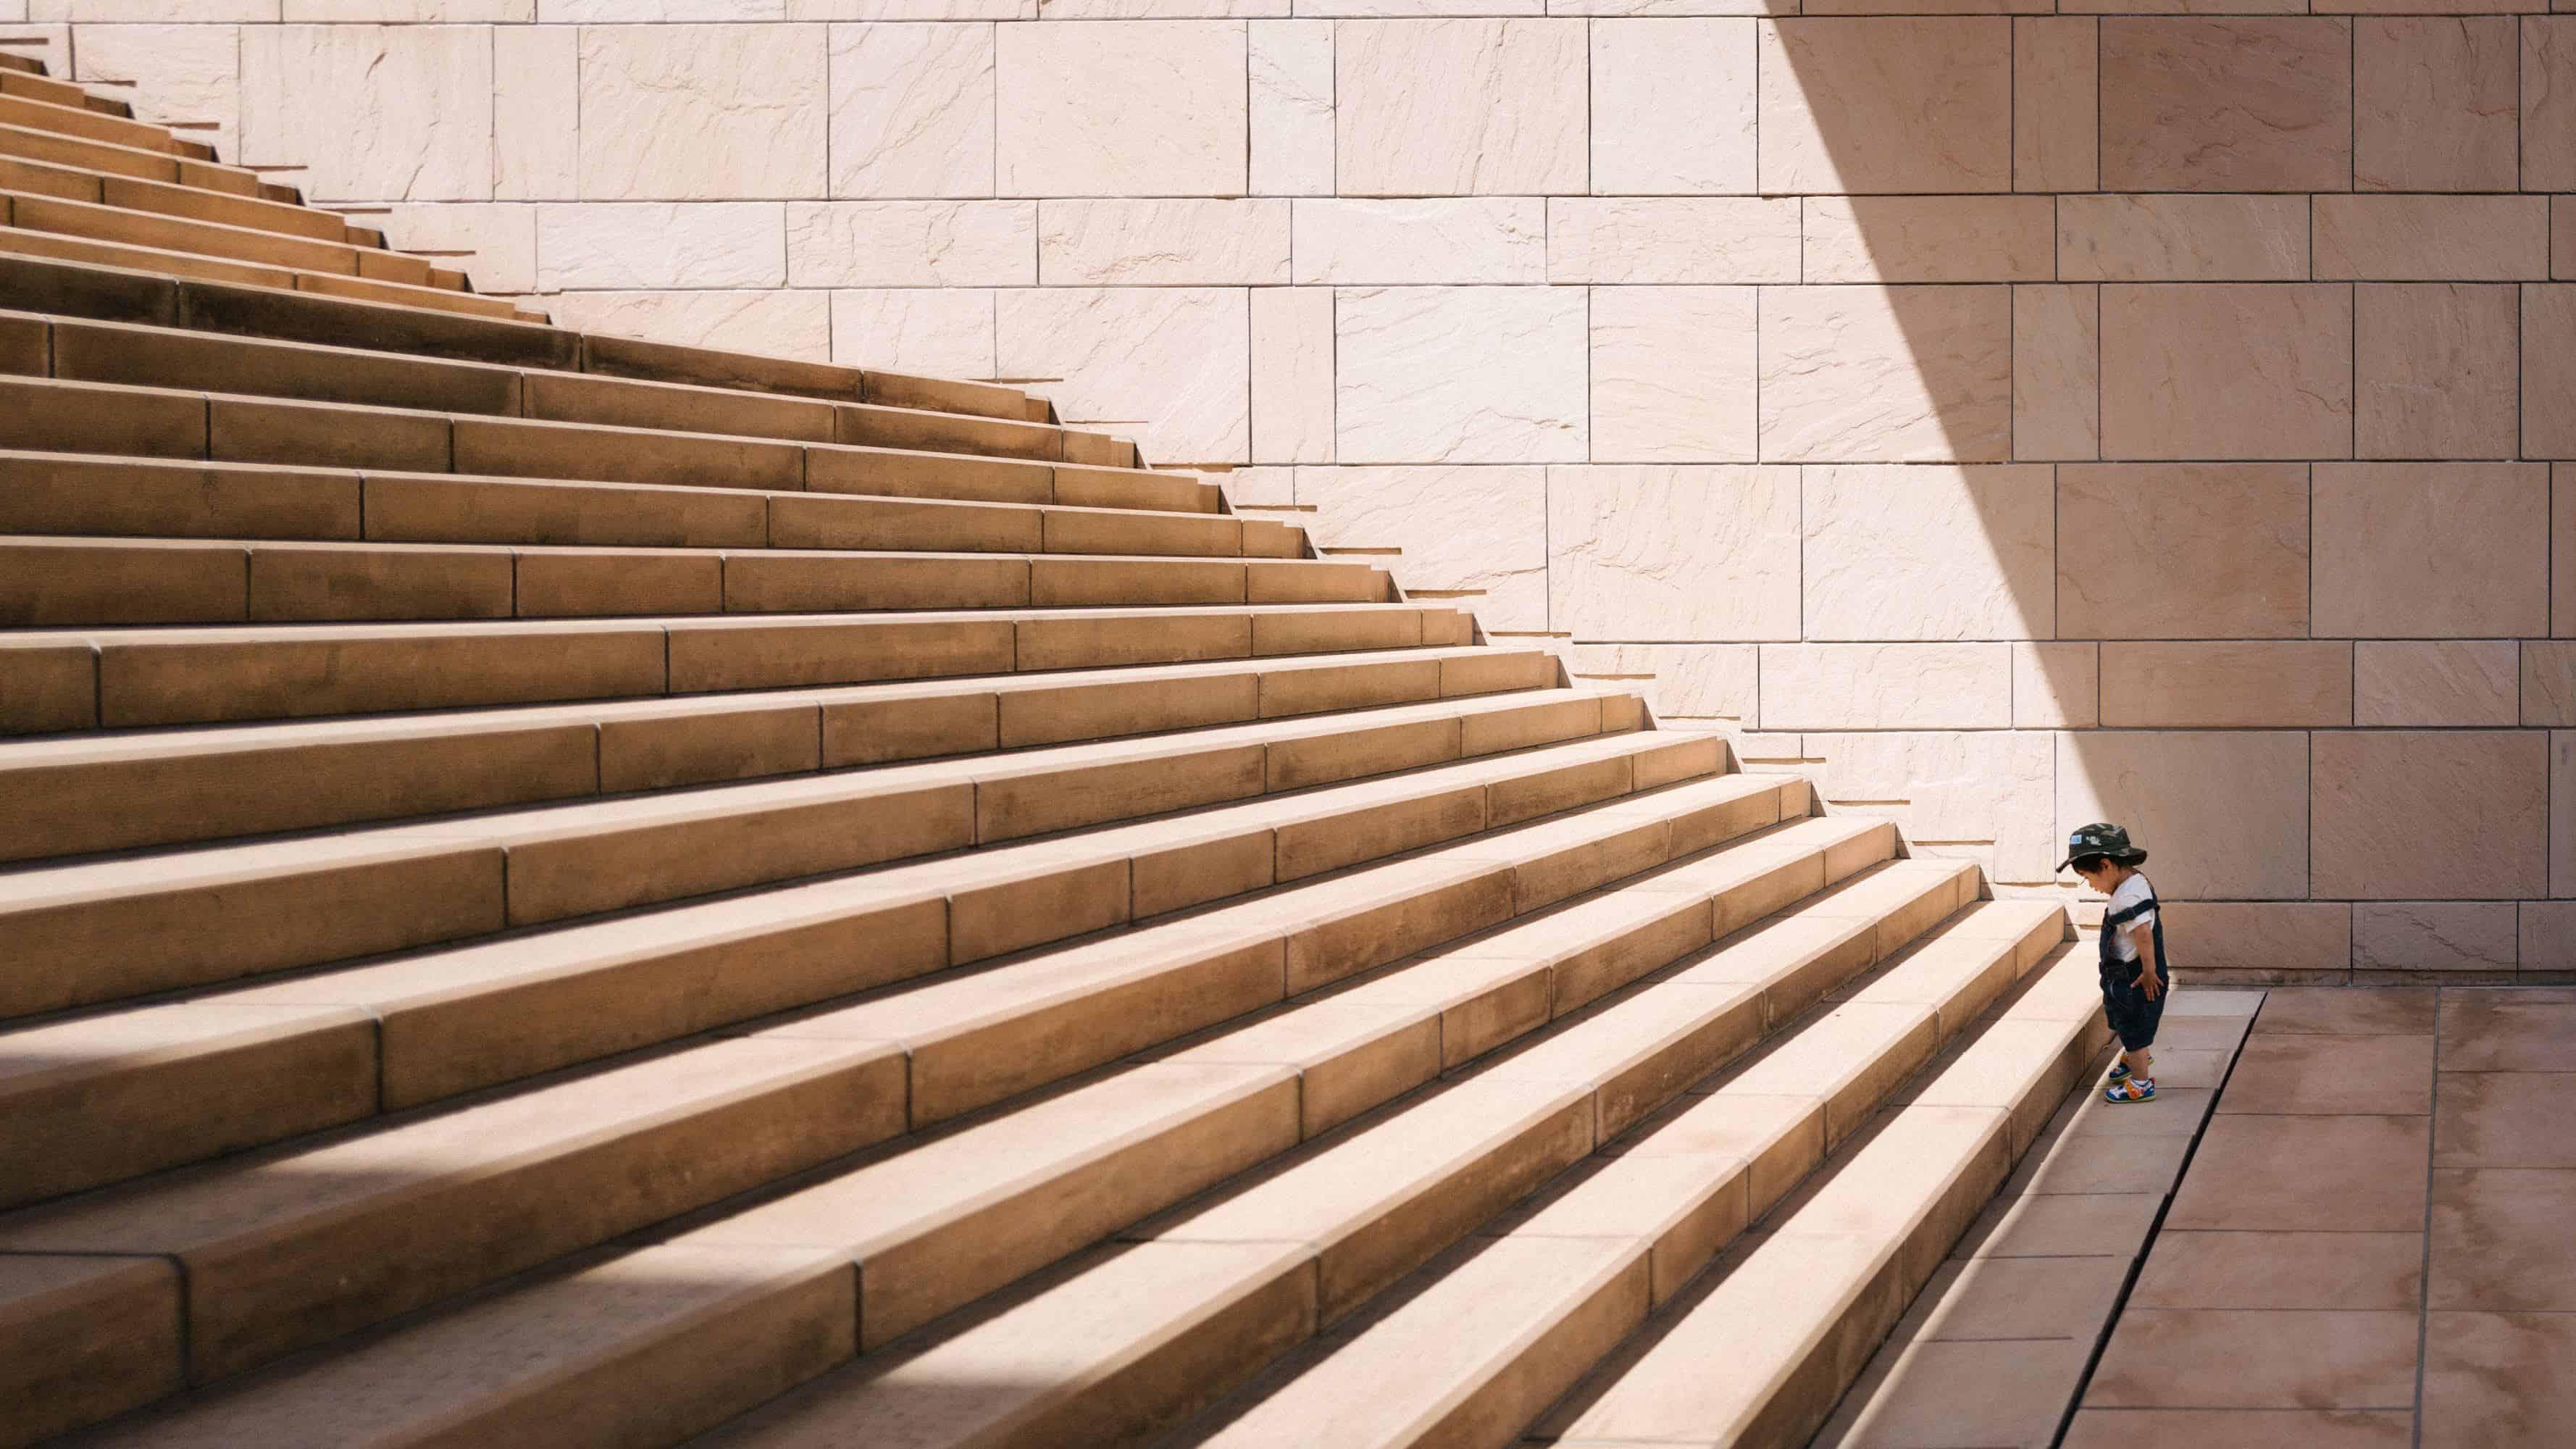 Ein kleiner Junge steht am Fuß einer großen Treppe